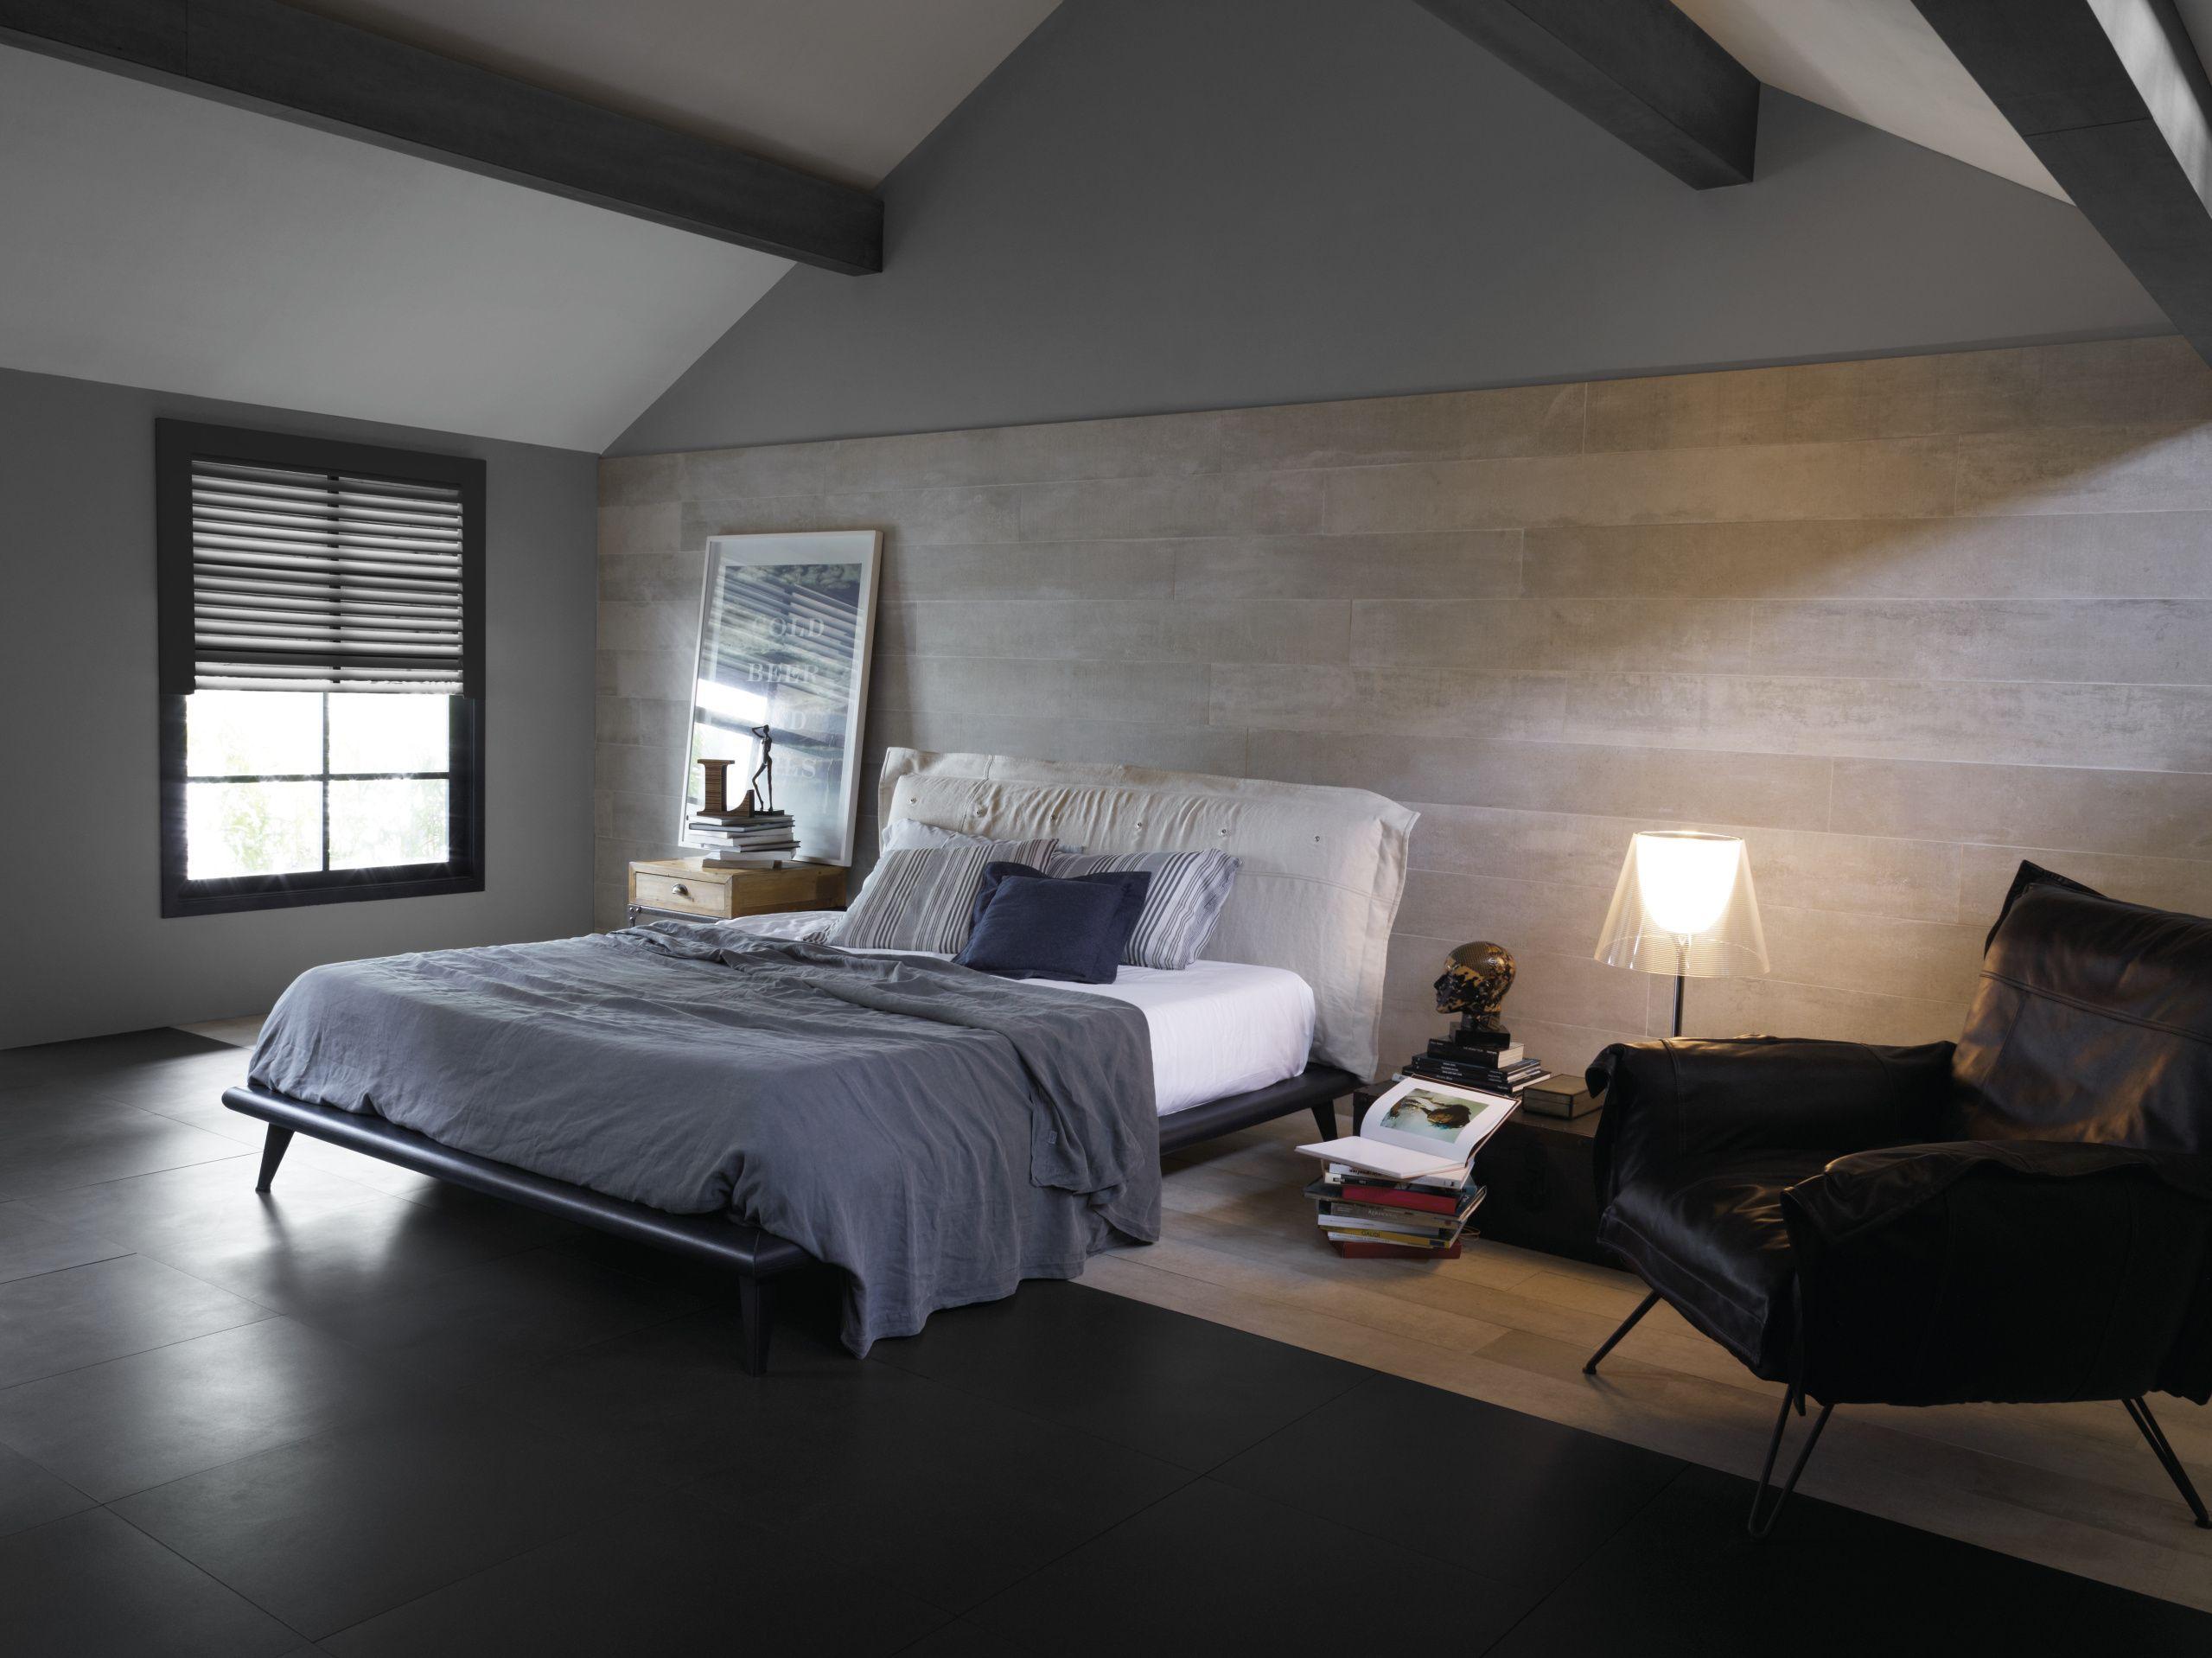 Gilsa pisos y azulejos hogar pinterest pisos for Casa pisos y azulejos